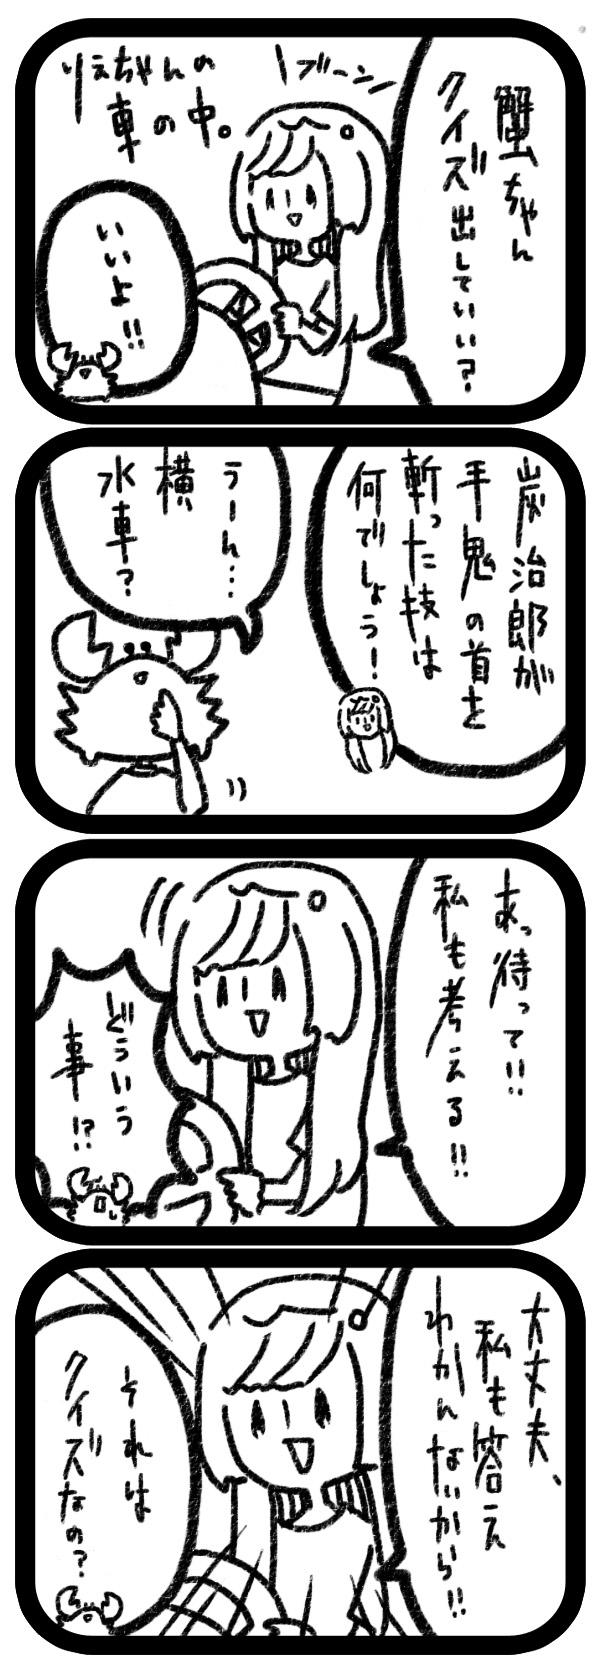 2020.03.22落がき漫画のコピー